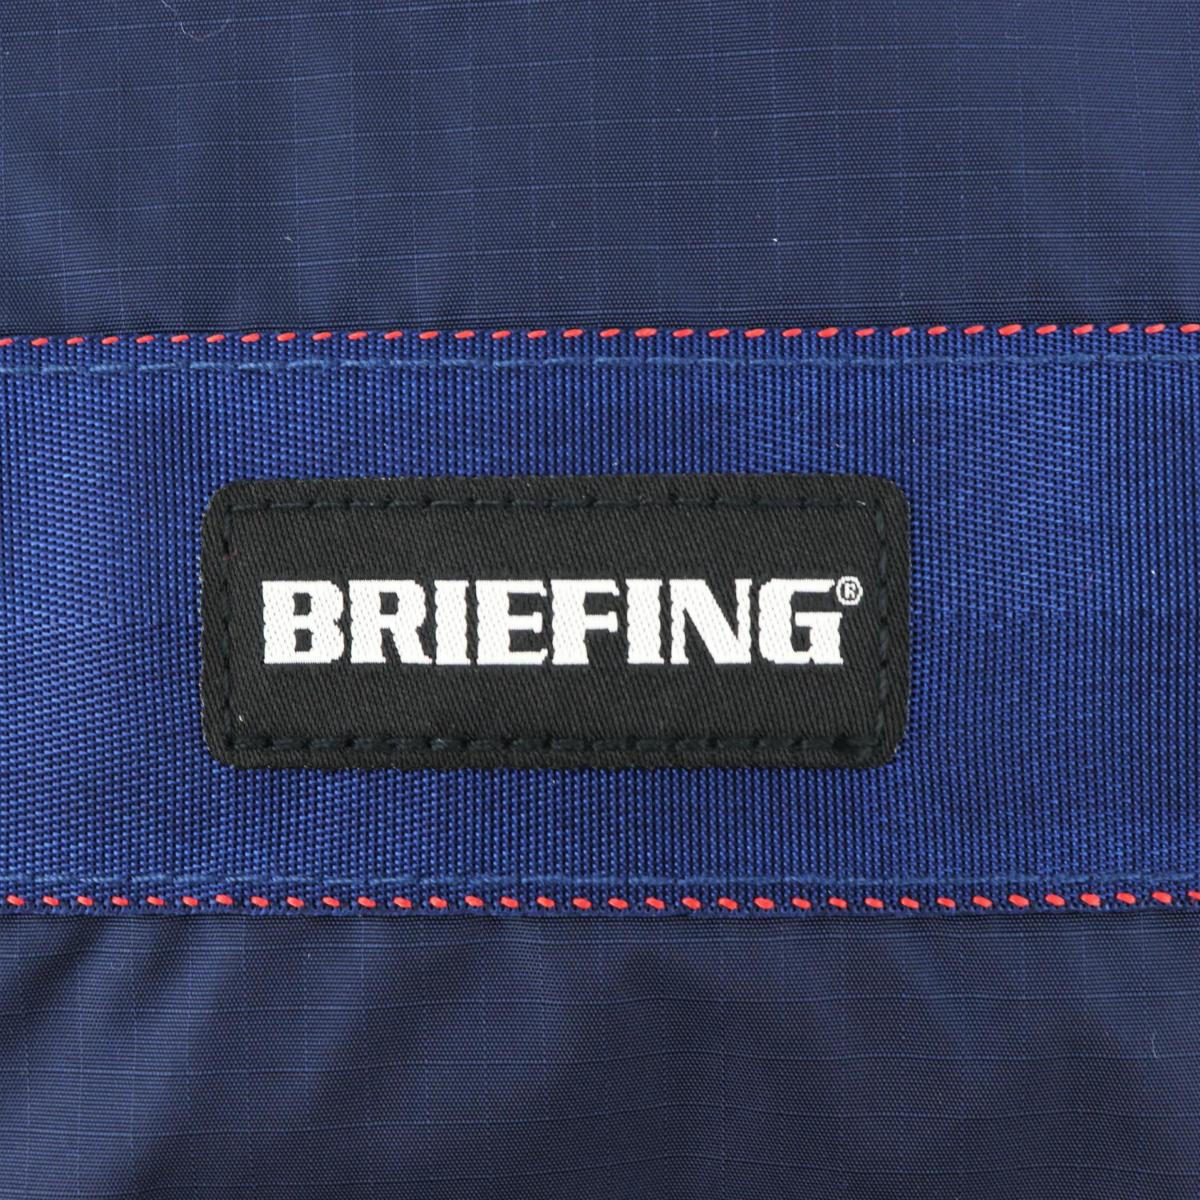 ブリーフィングゴルフ BRIEFING GOLF VIROBLOCK DRAWSTRING POUCH M ドローストリングポーチ 100D RIPSTOP NYLON SERIES BRG211G24 BRG 076 NAVY(ネイビー) 春夏新作